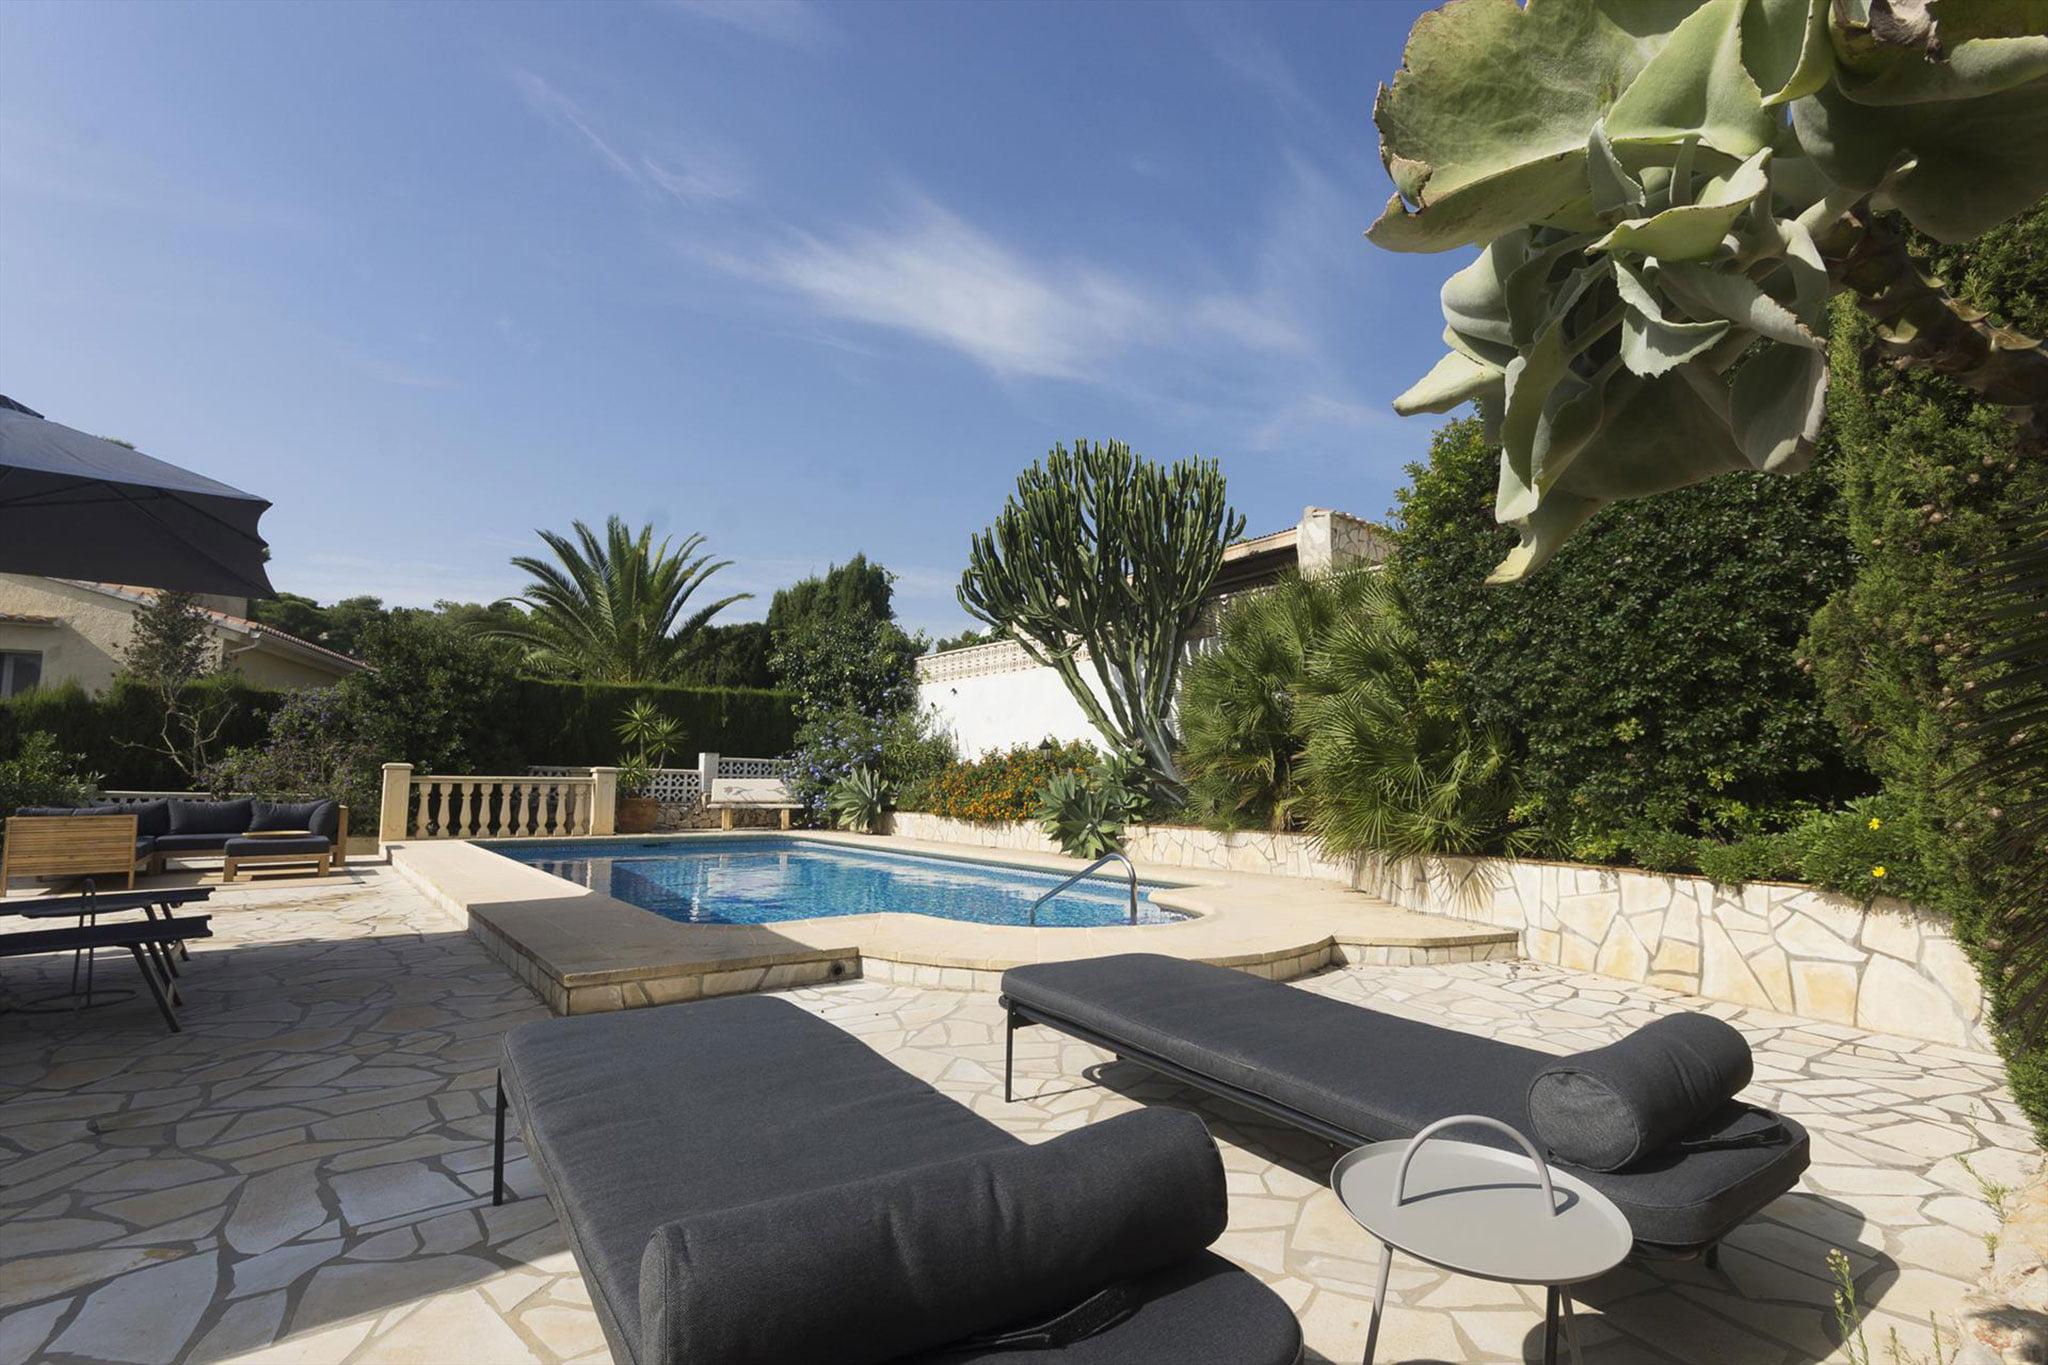 Terraza de una casa de vacaciones para cinco personas en Jávea – MMC Property Services